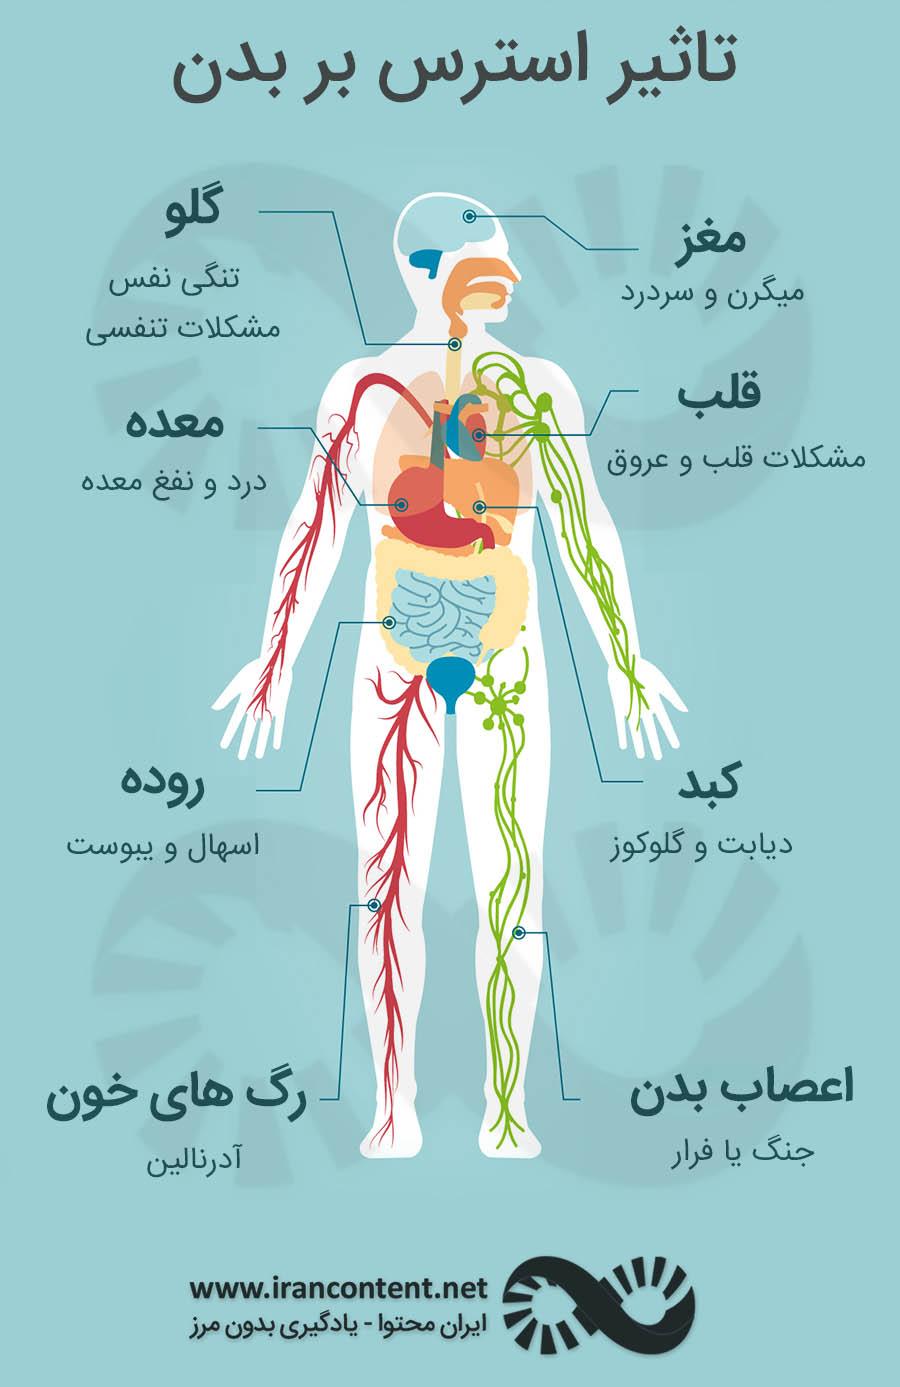 تاثیر استرس بر مغز عوامل استرس زا انواع استرس استرس چیست استرس